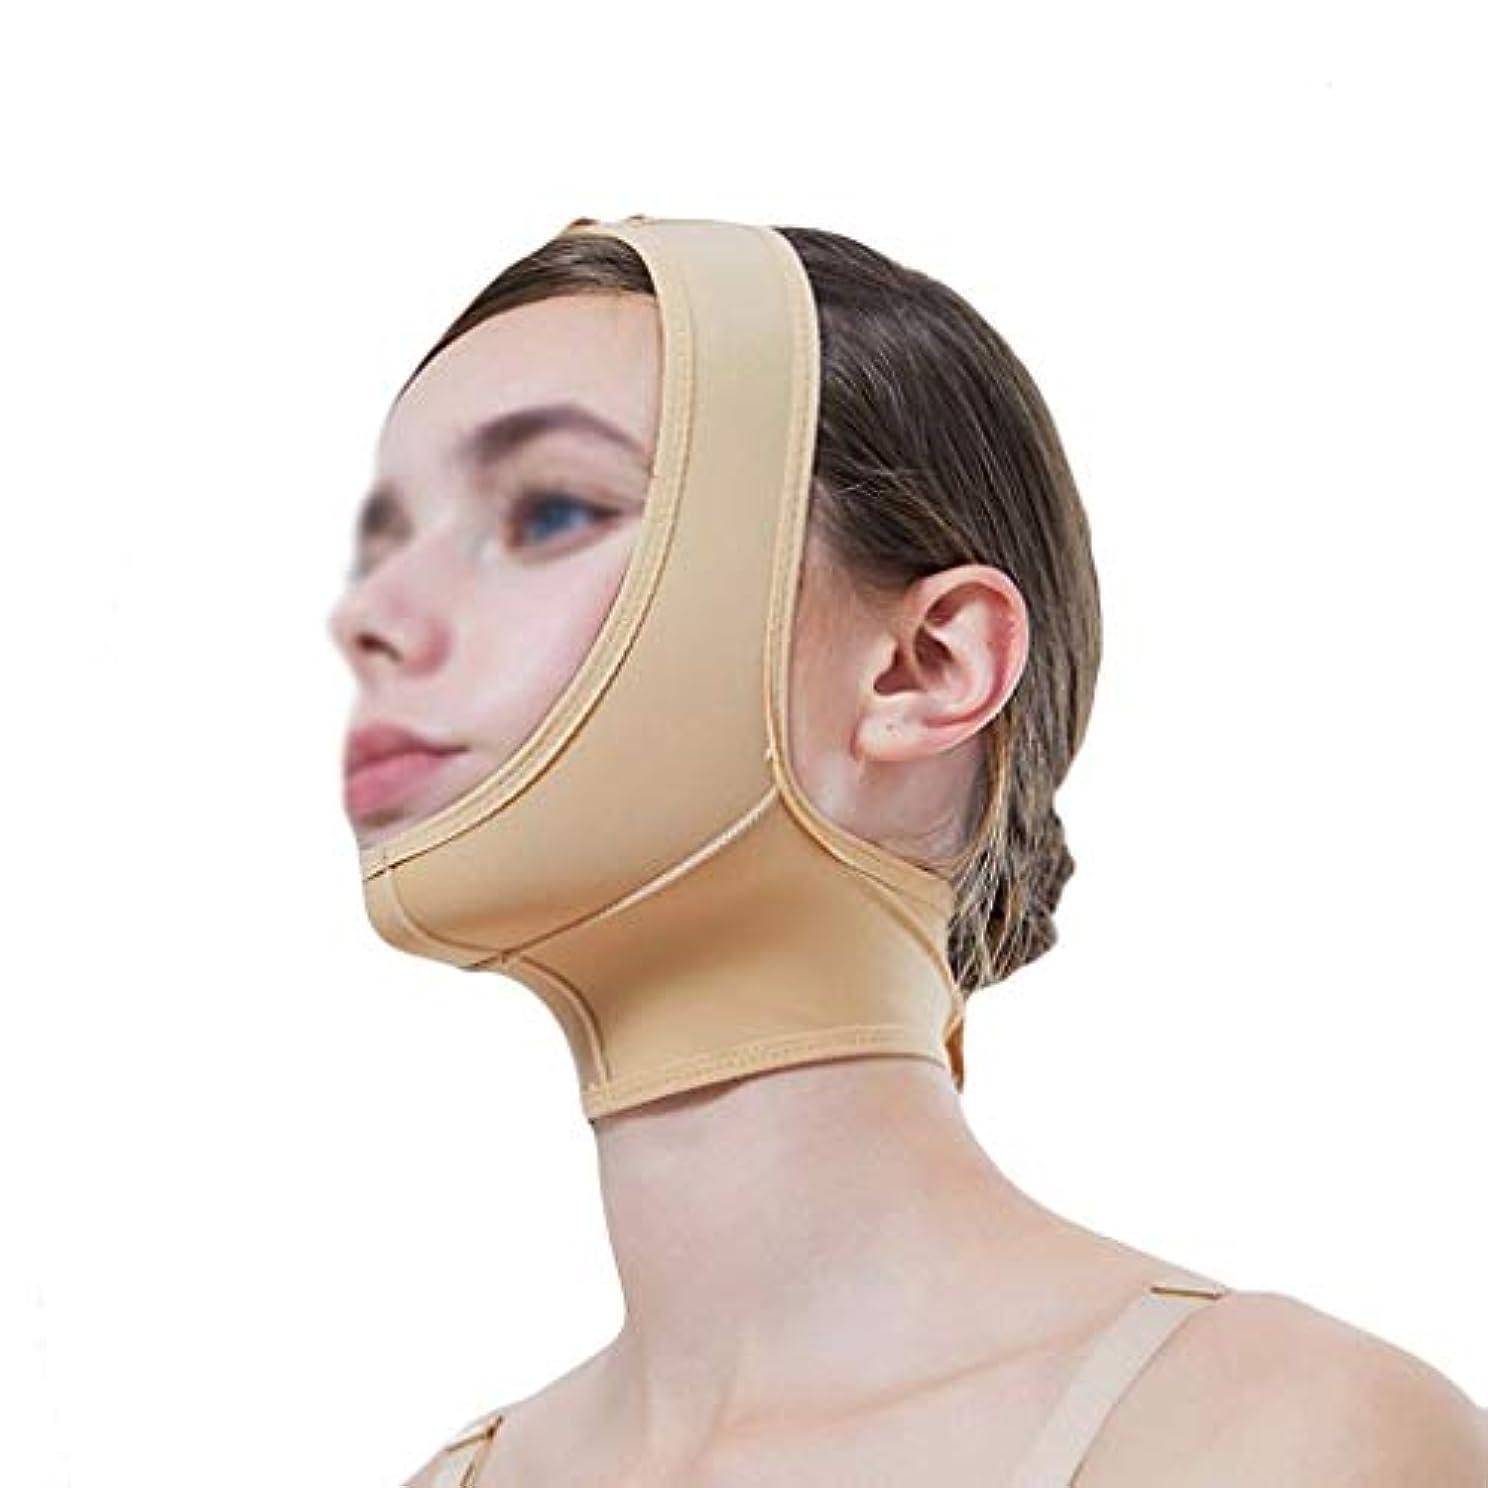 衝突コースケープ味わうマスク、超薄型ベルト、フェイスリフティングに適し、フェイスリフティング、通気性包帯、あご取りベルト、超薄型ベルト、通気性(サイズ:XL),L